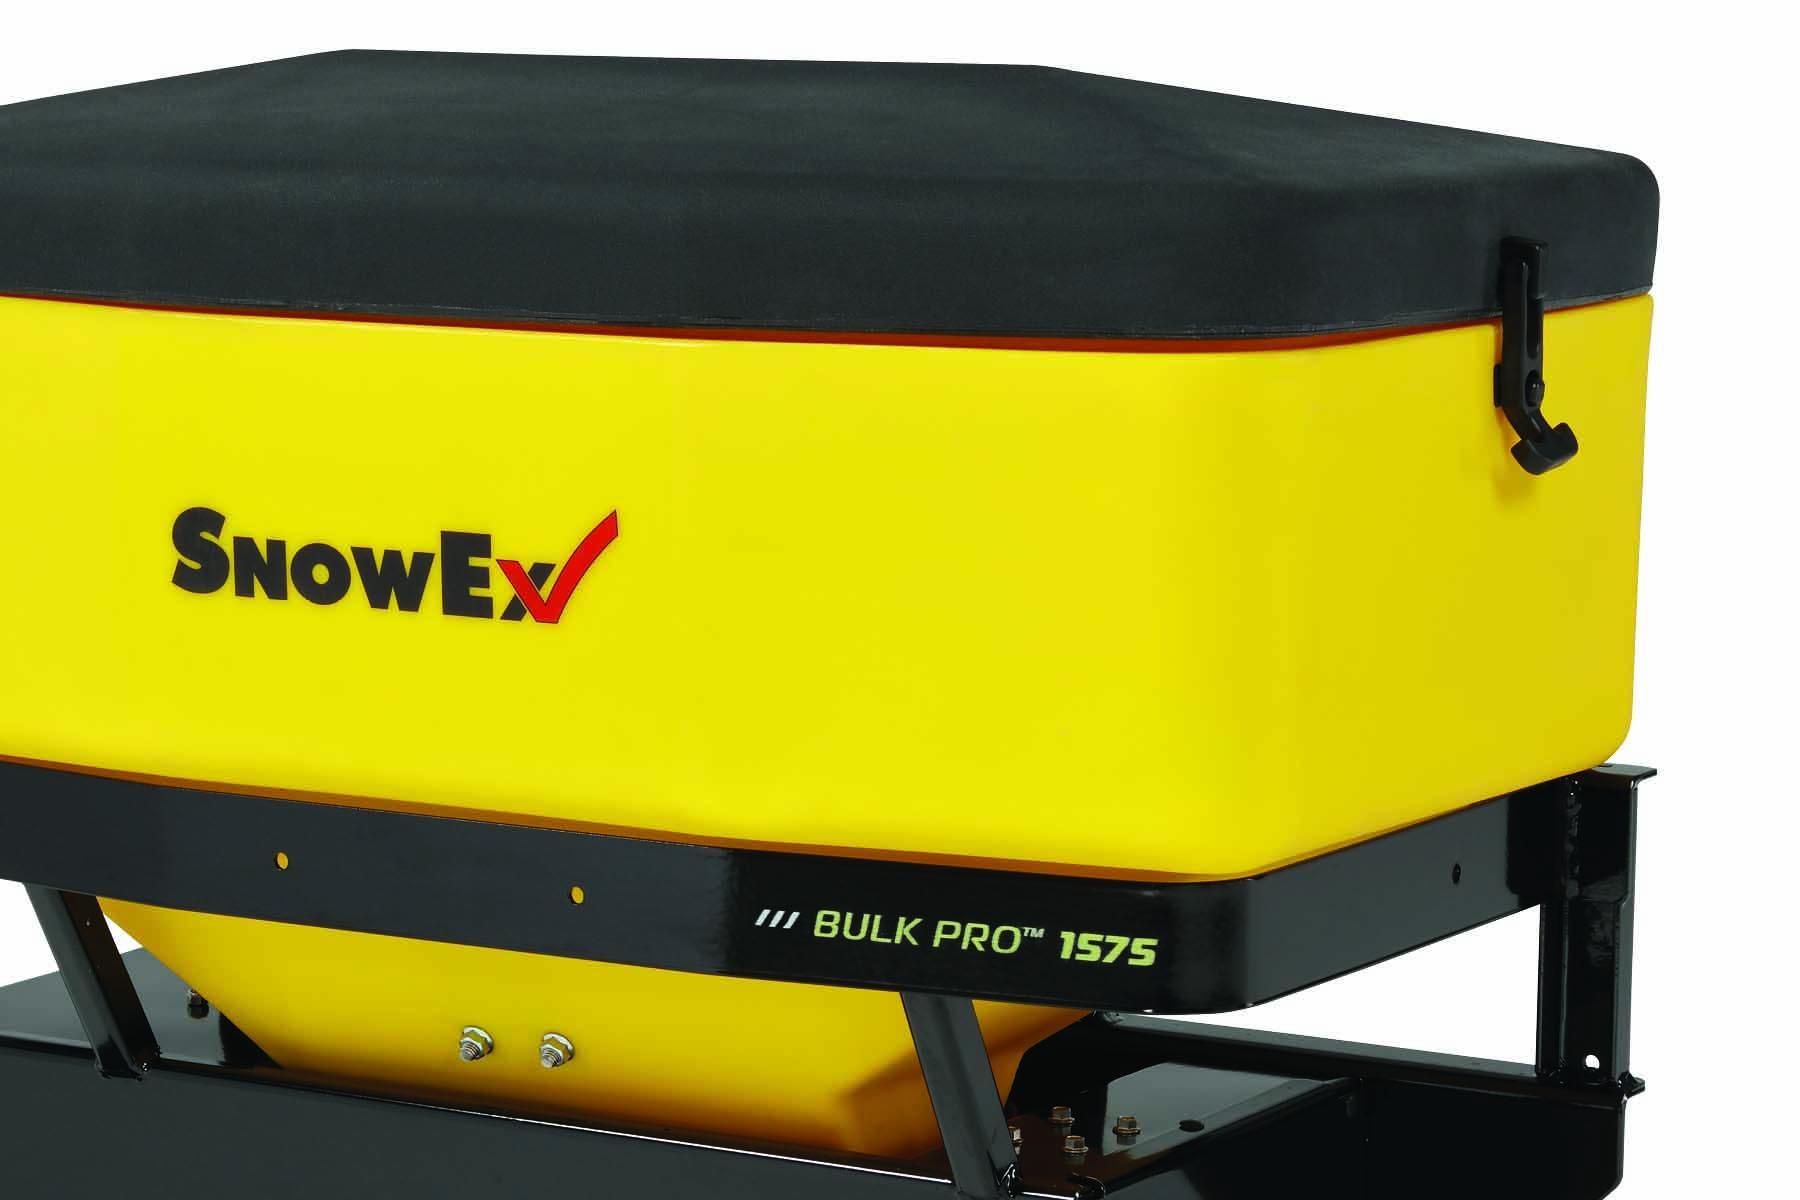 SnowEx Bulk-Pro 5.0 cu. ft. Tailgate Spreader SP-1575-1